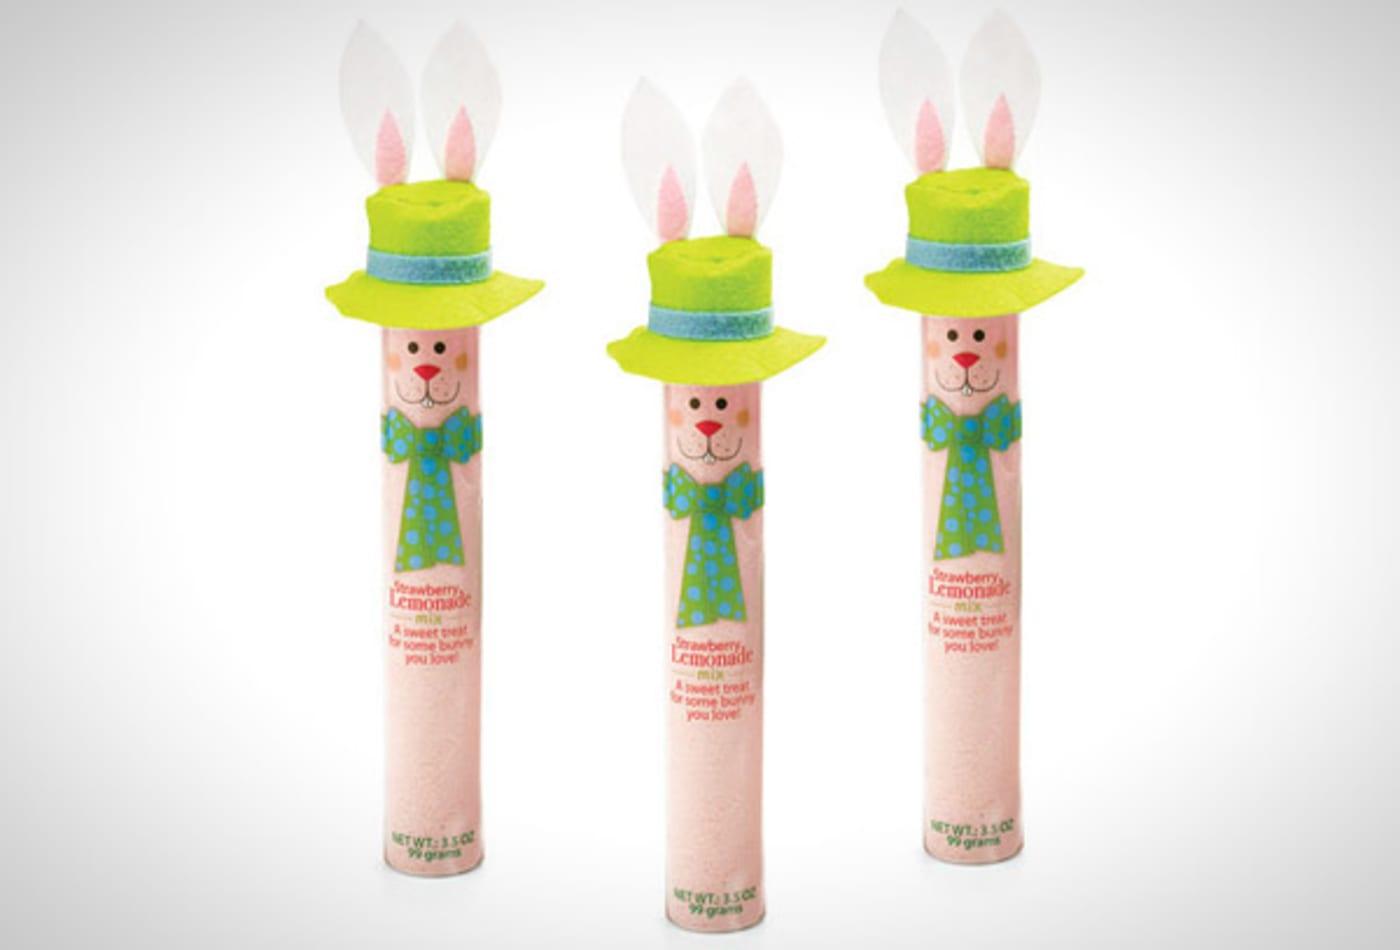 easter-gifts-under-25-strawberry-lemonade-sticks.jpg